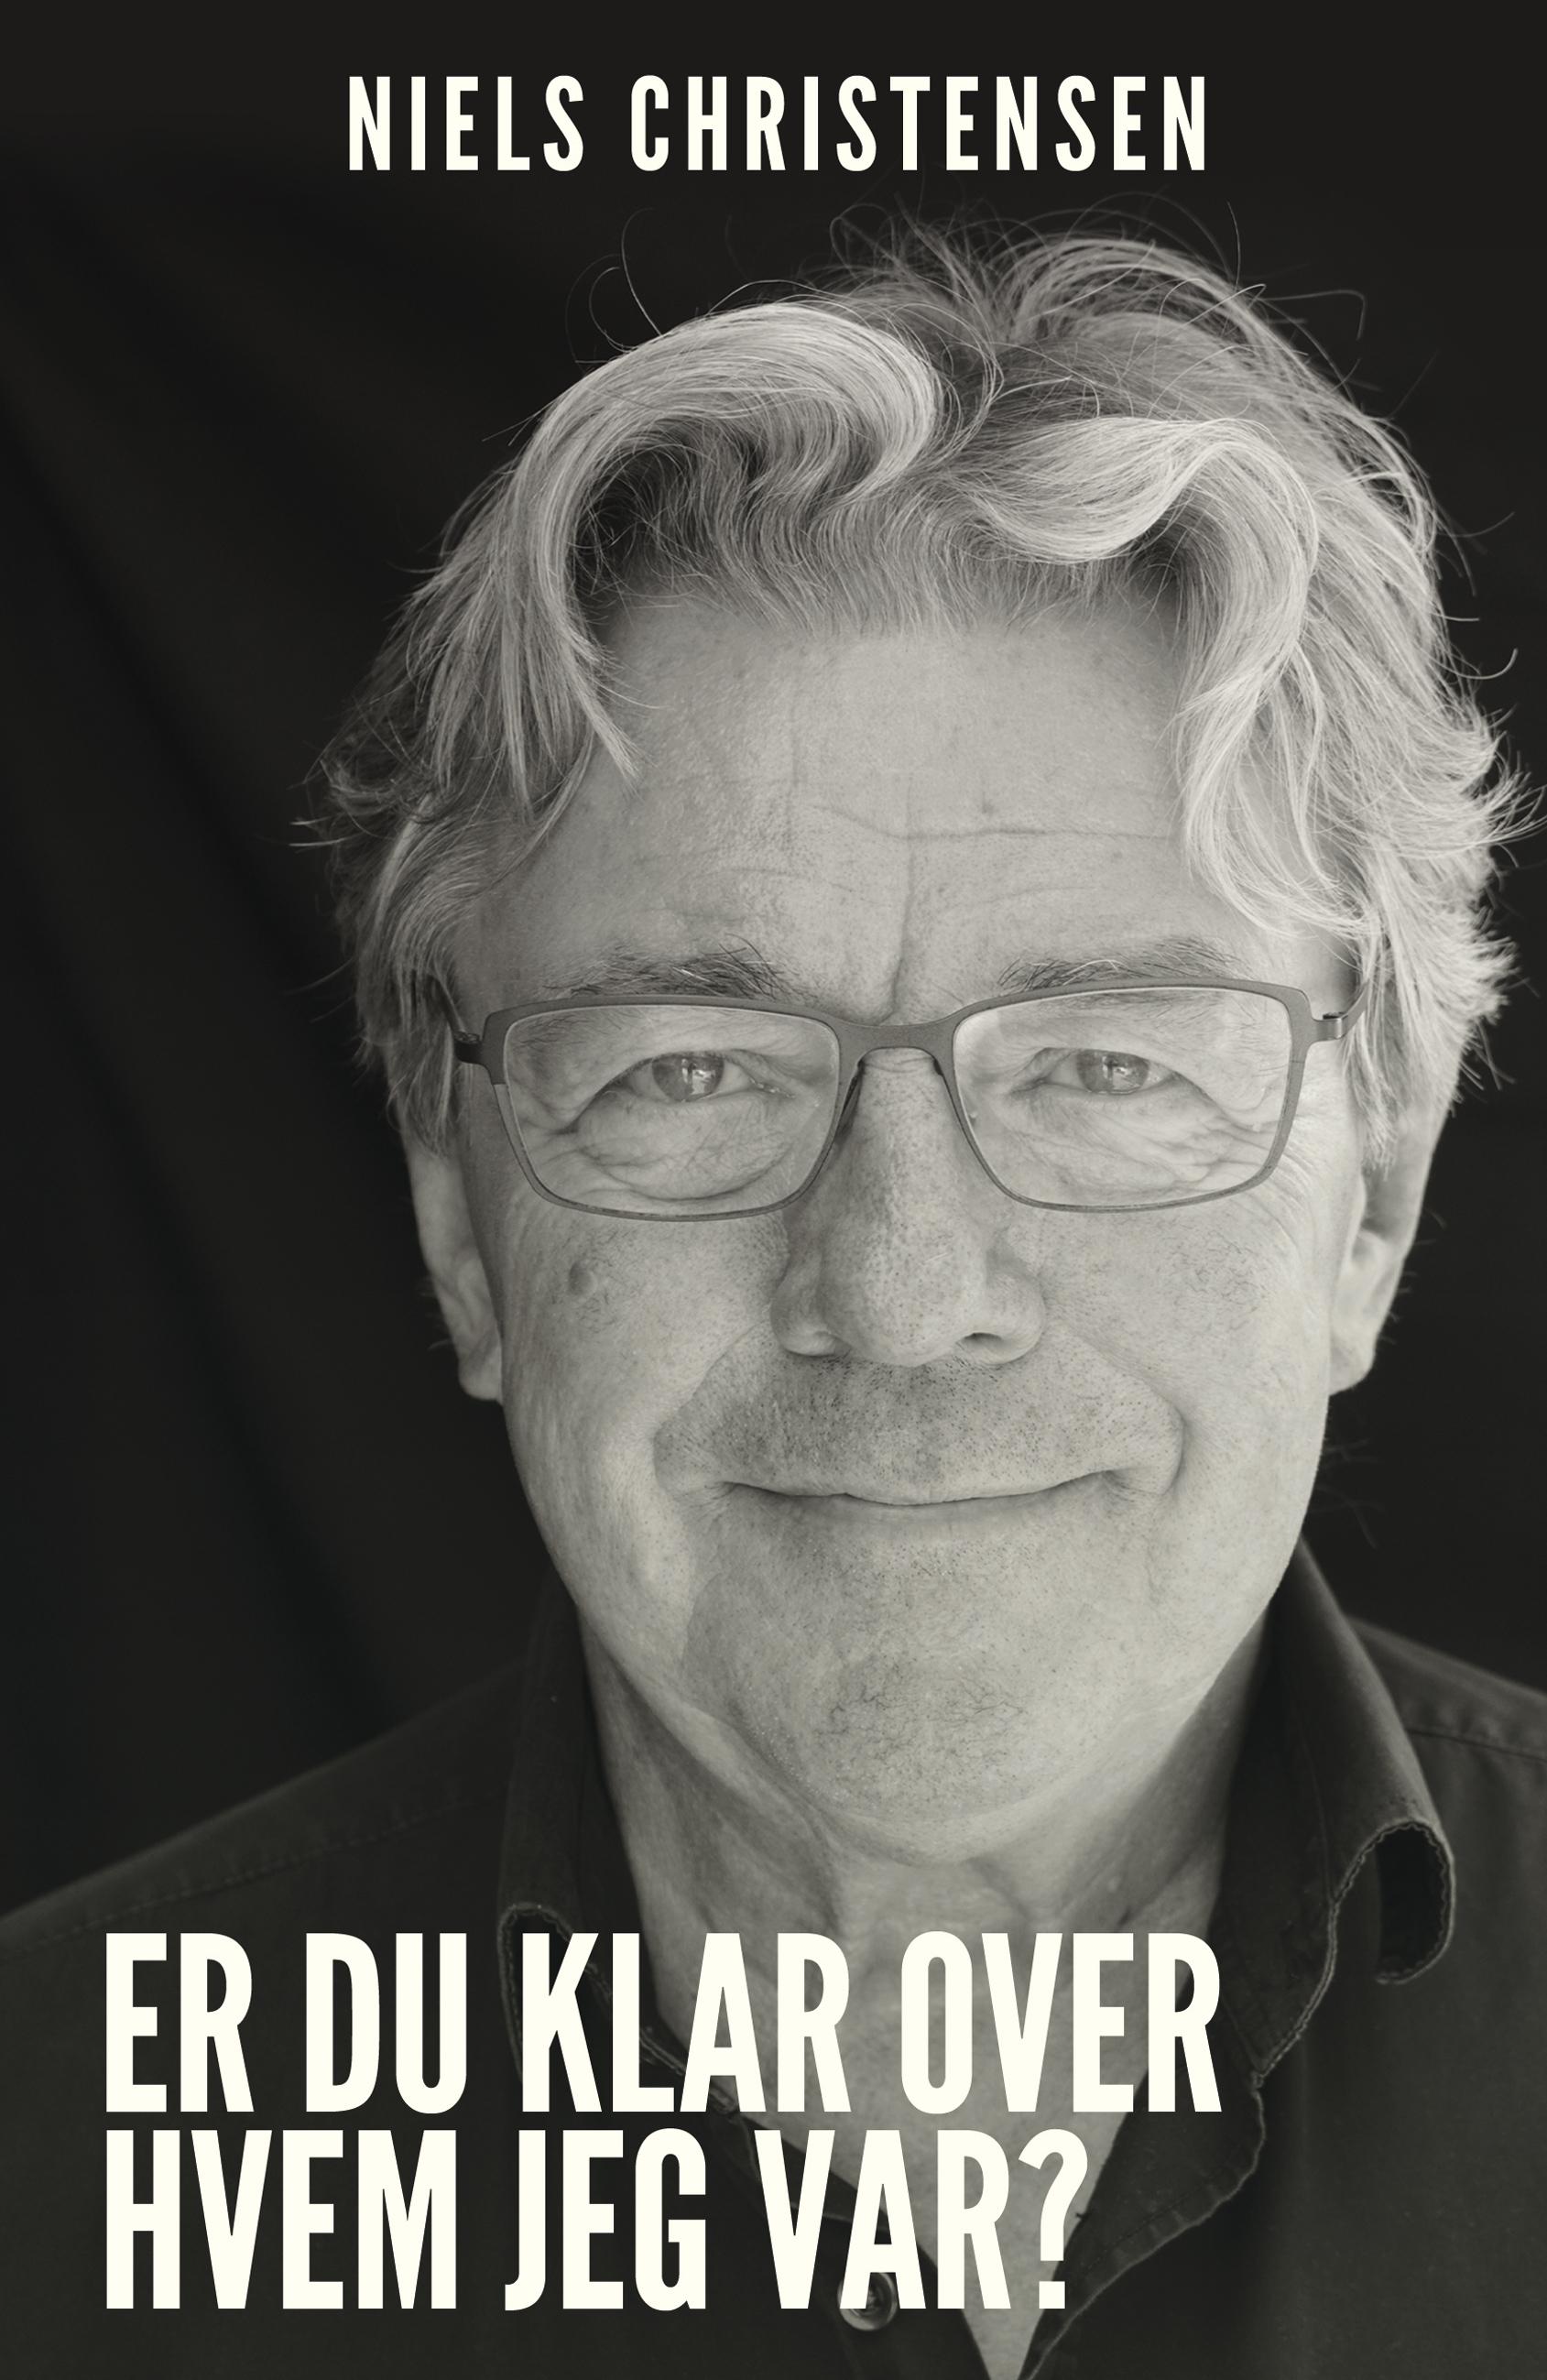 Er du klar over, hvem jeg var? - Niels Christensen - Bøger - Vilhelm - 9788771715361 - October 10, 2019